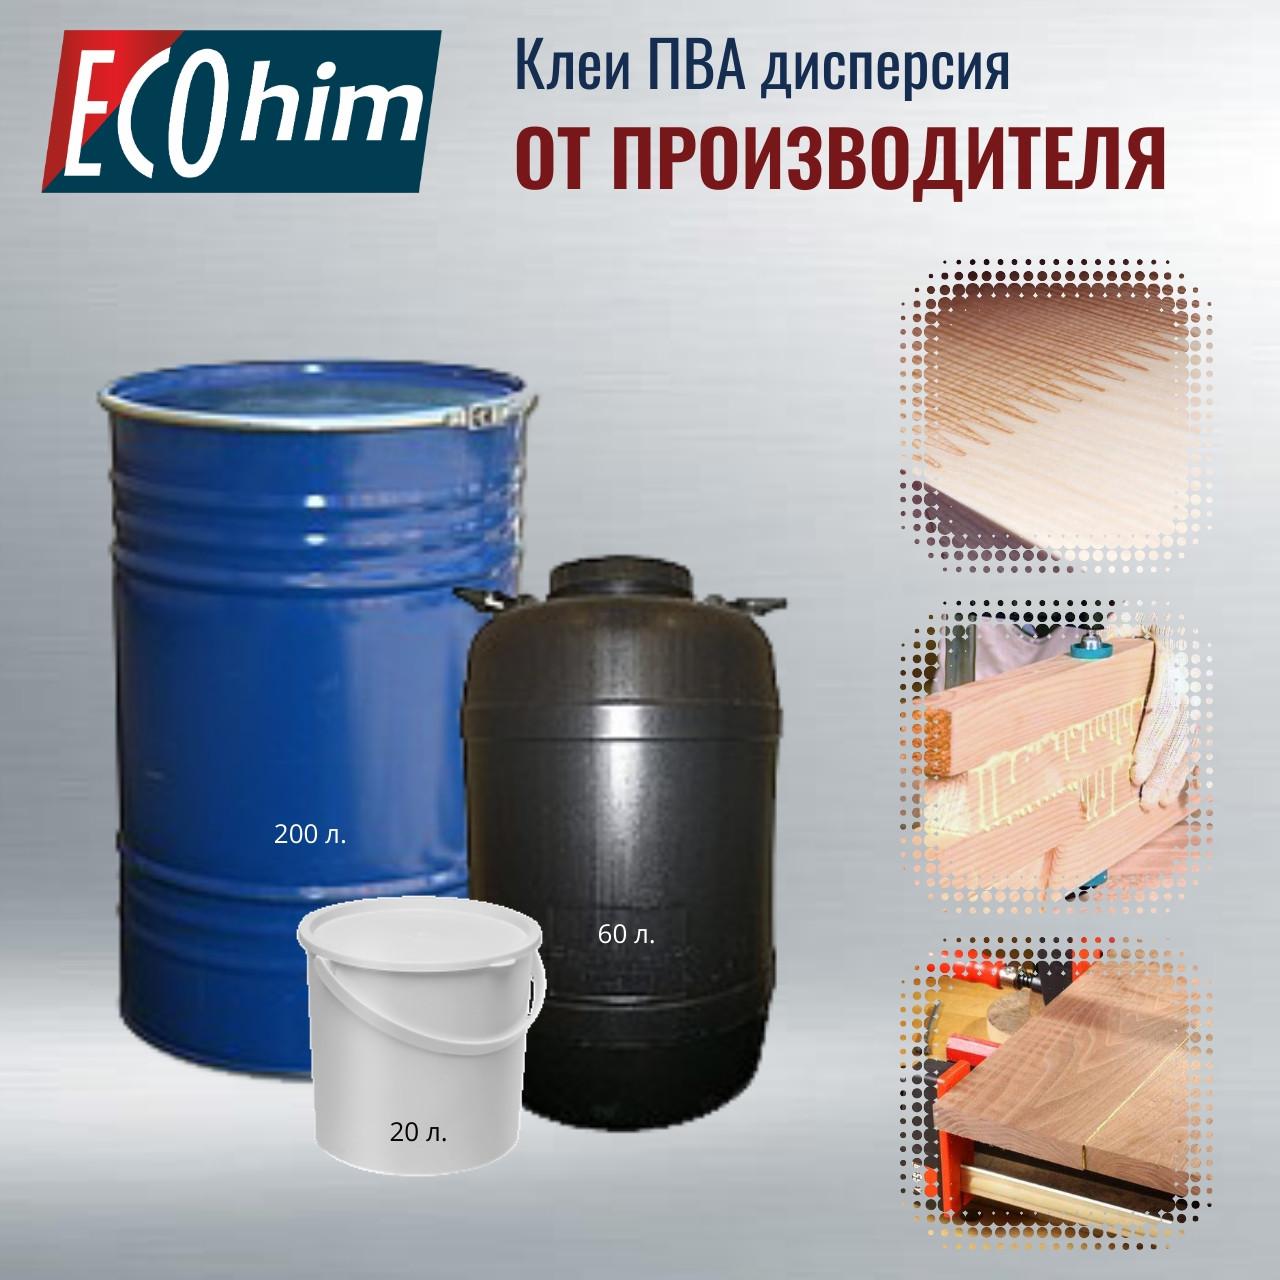 Клей ПВА дисперсия марка Д 51/10С пластифицированная оптом